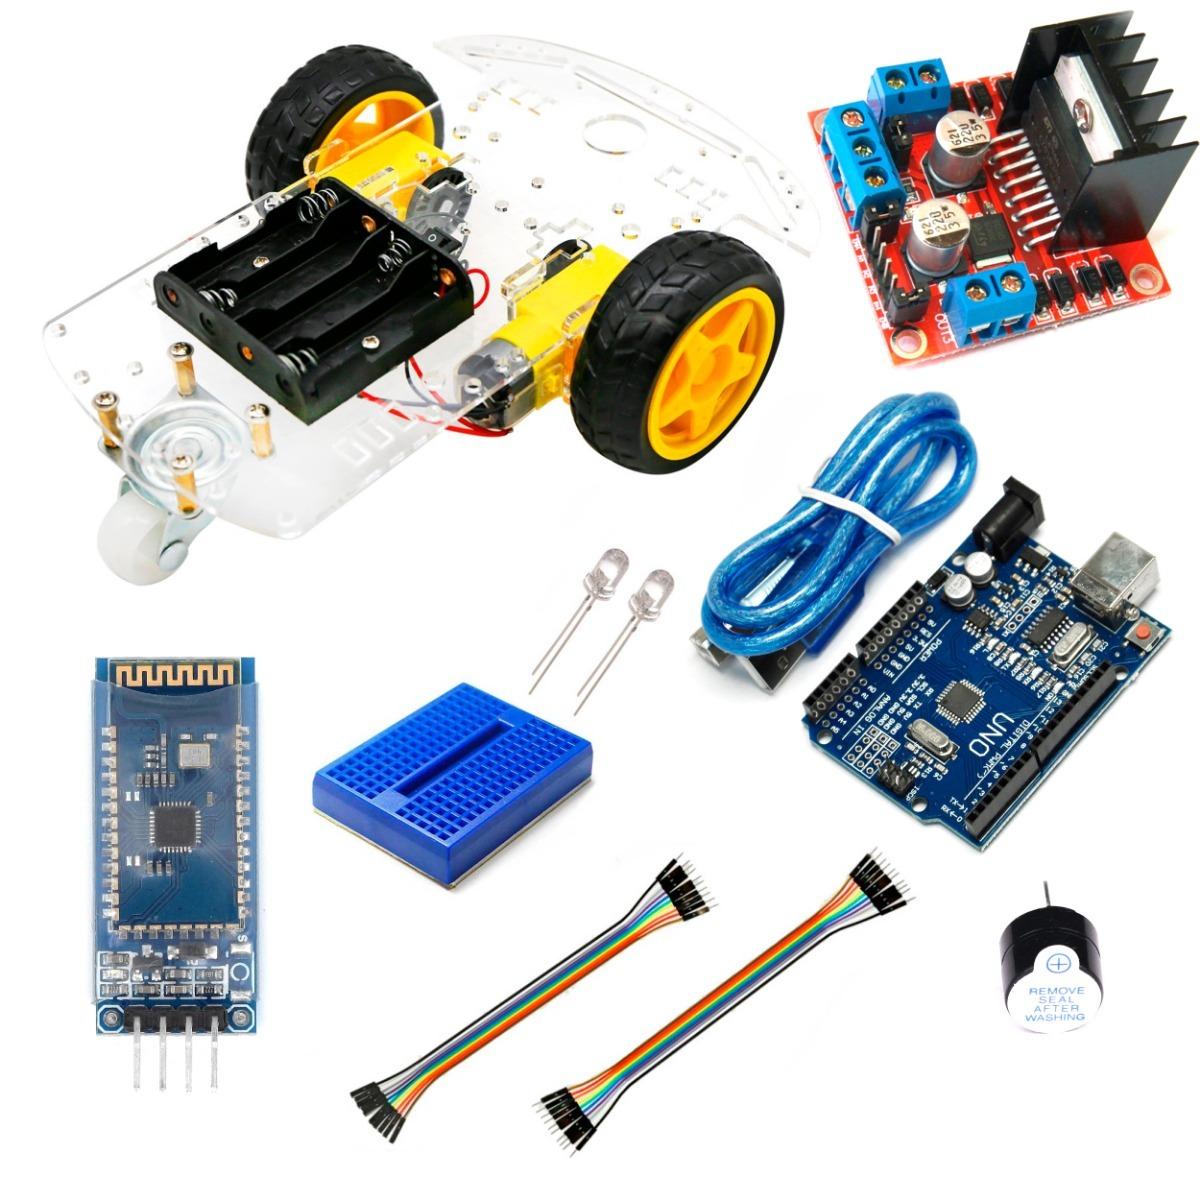 Kit Carro Robot Bluetooth Arduino, Instructivo, Codigo, App